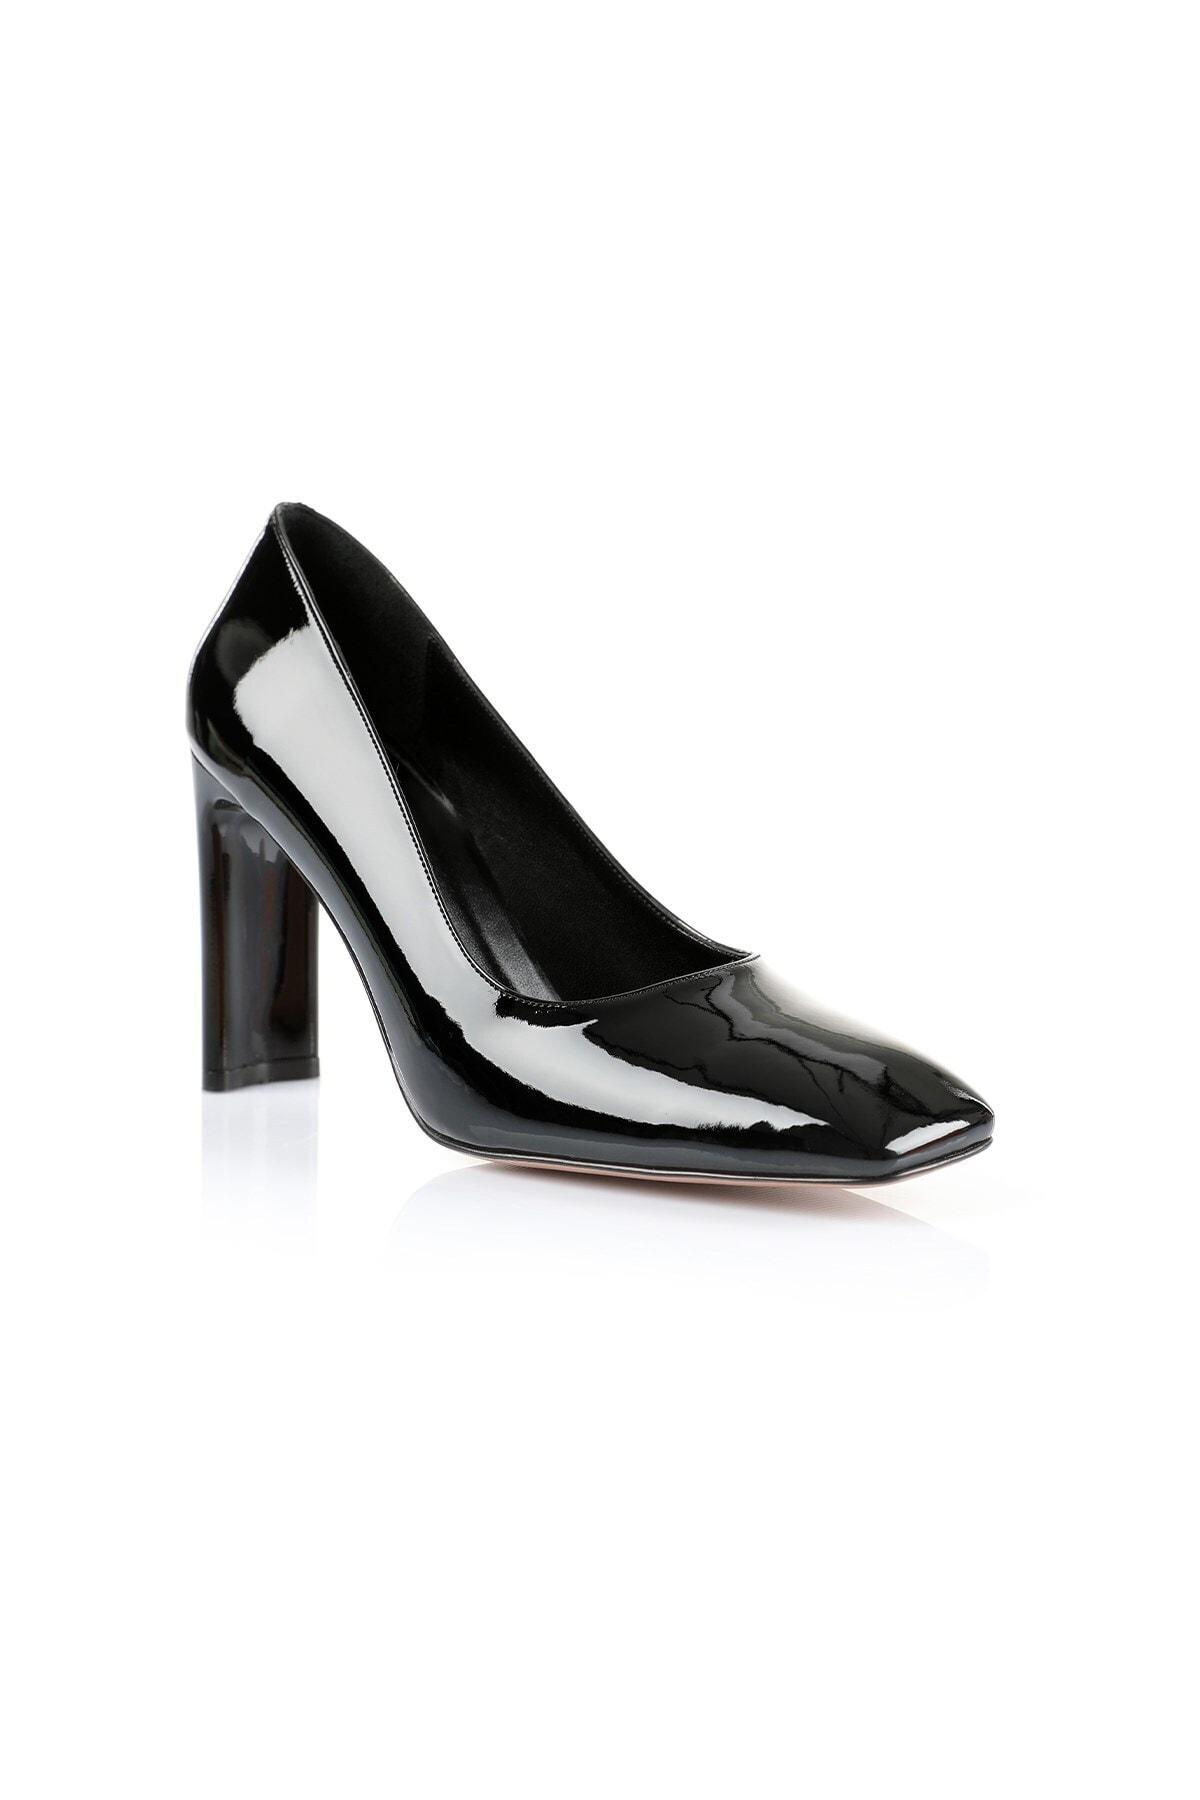 Oblavion Petra Siyah Topuklu Ayakkabı 2